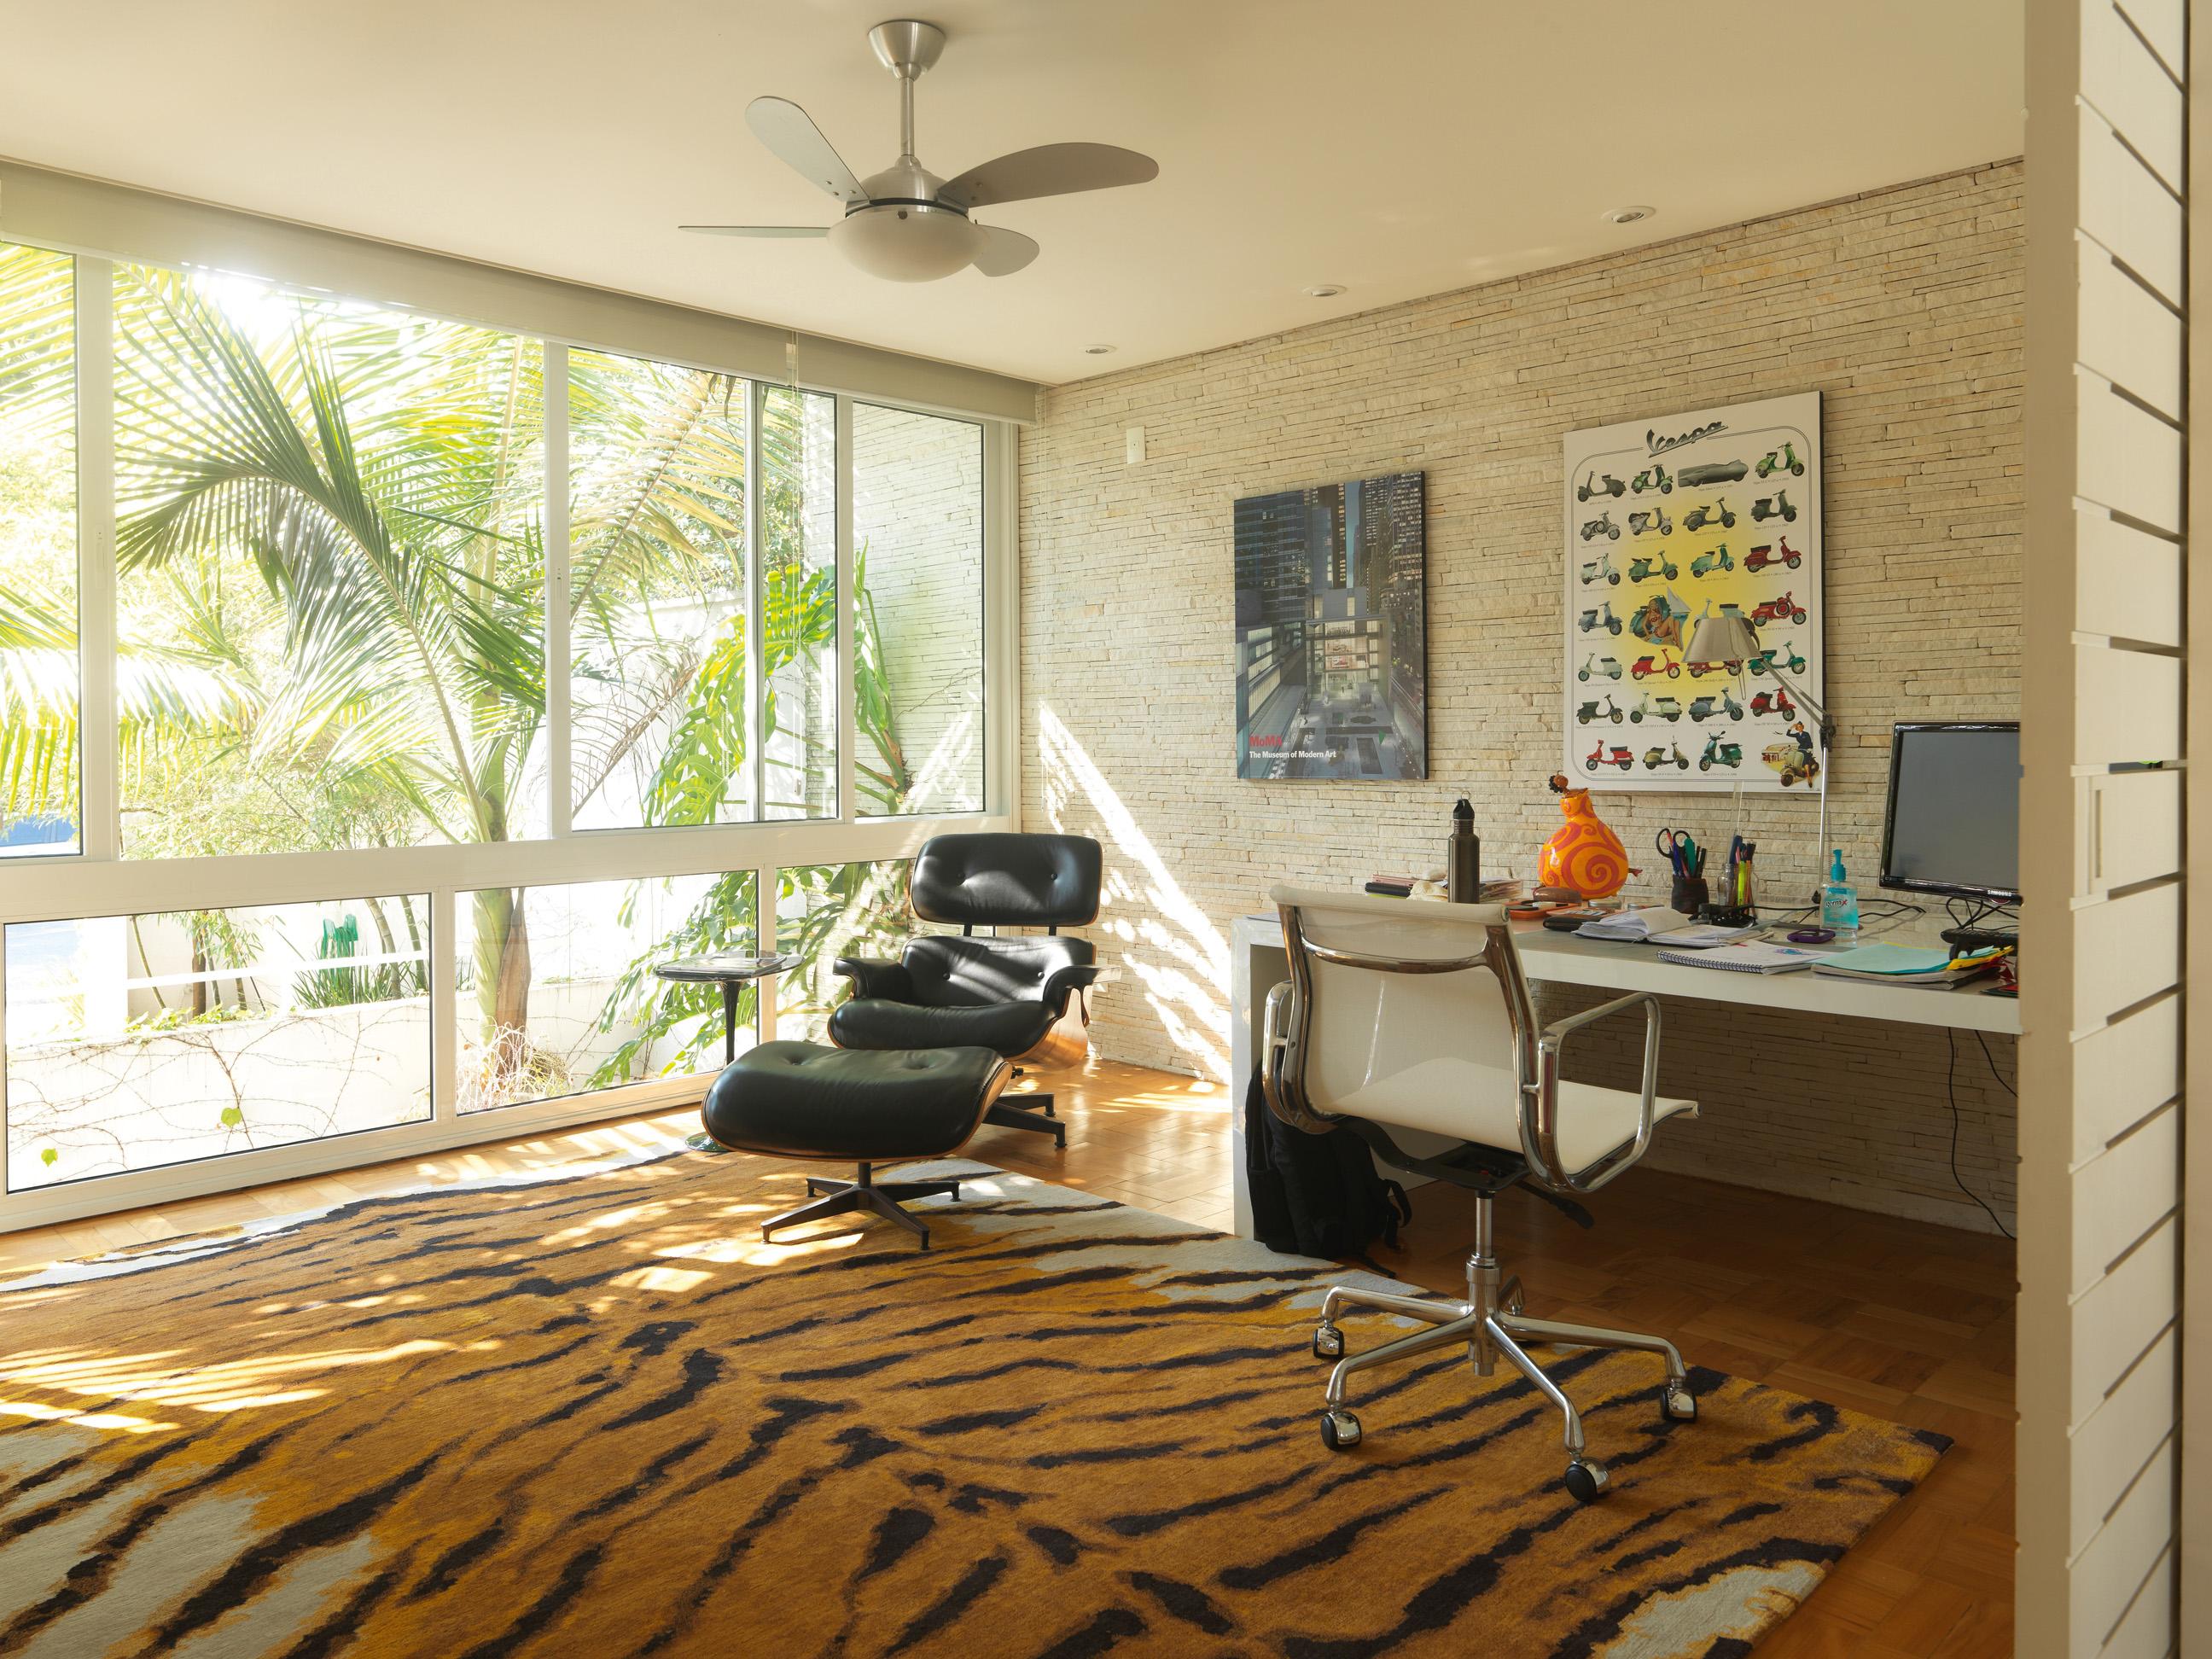 Tropical - Escritório de Lina, onde era o showroom de sua empresa até pouco tempo atrás. O tapete com estampa de tigre, de lã tibetana, é da coleção de Lina. A poltrona e a cadeira são de Charles Eames e a mesa foi feita por marceneiro